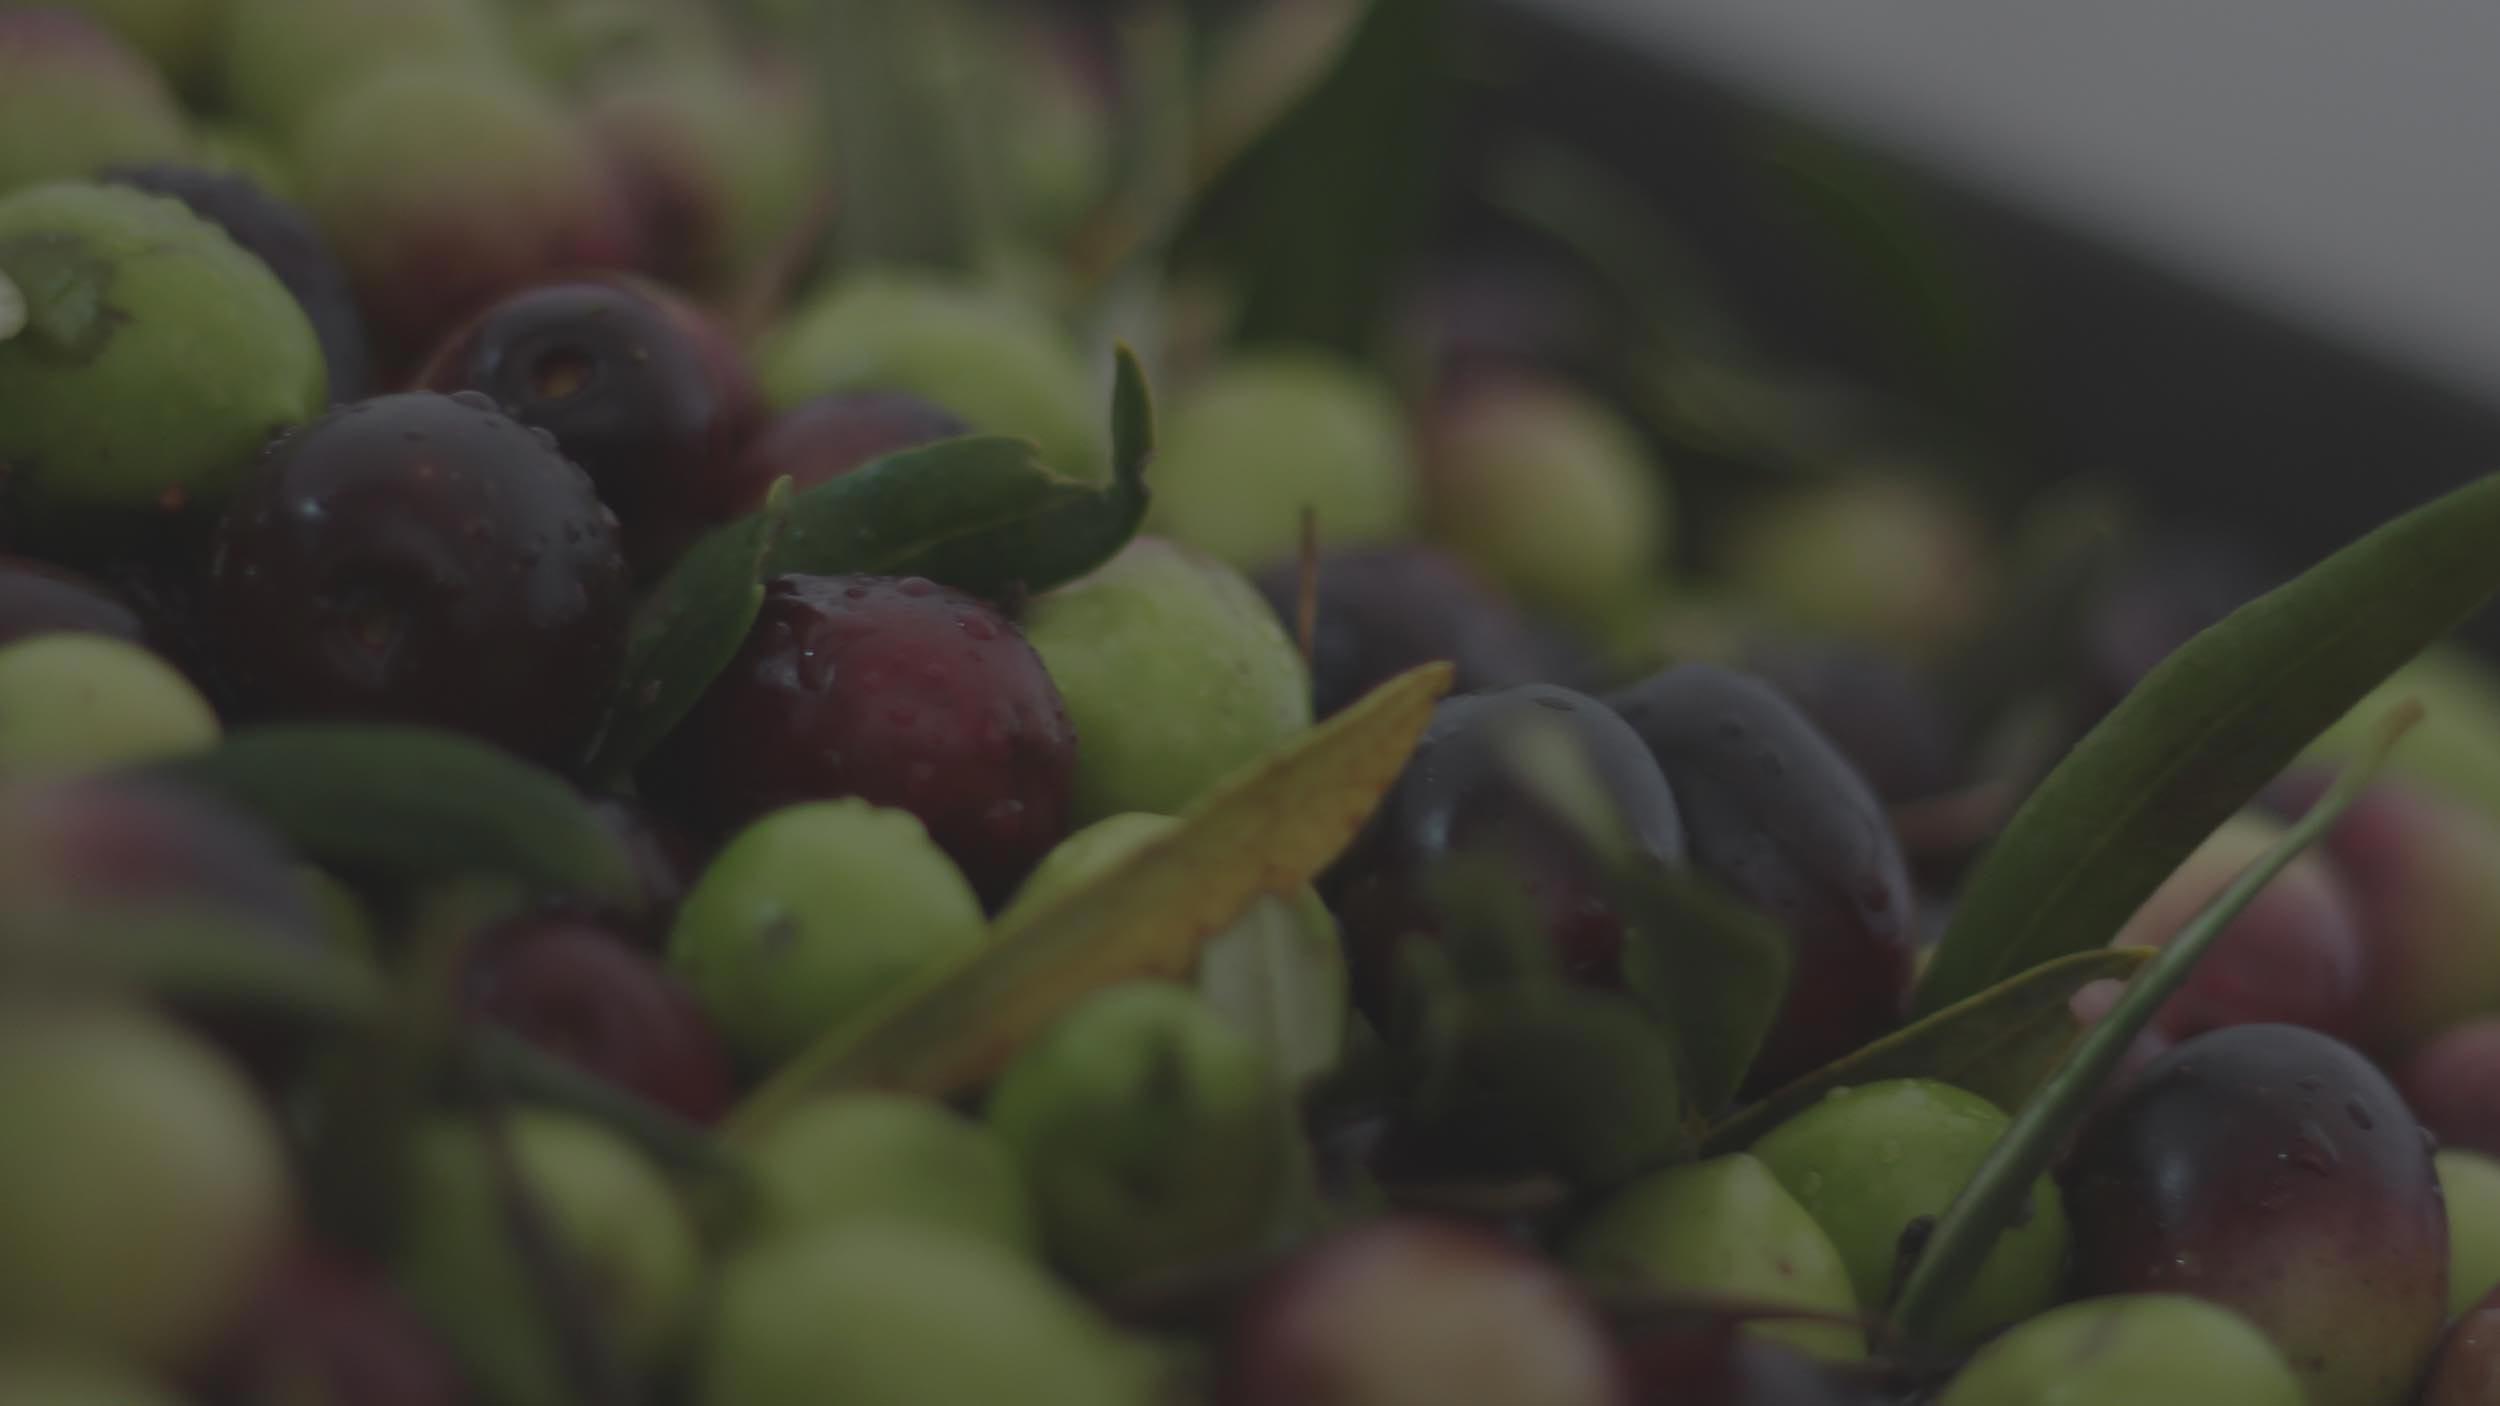 Olio Evo Lupo, Olio Extravergine d'oliva Biologico, Olio Lupo